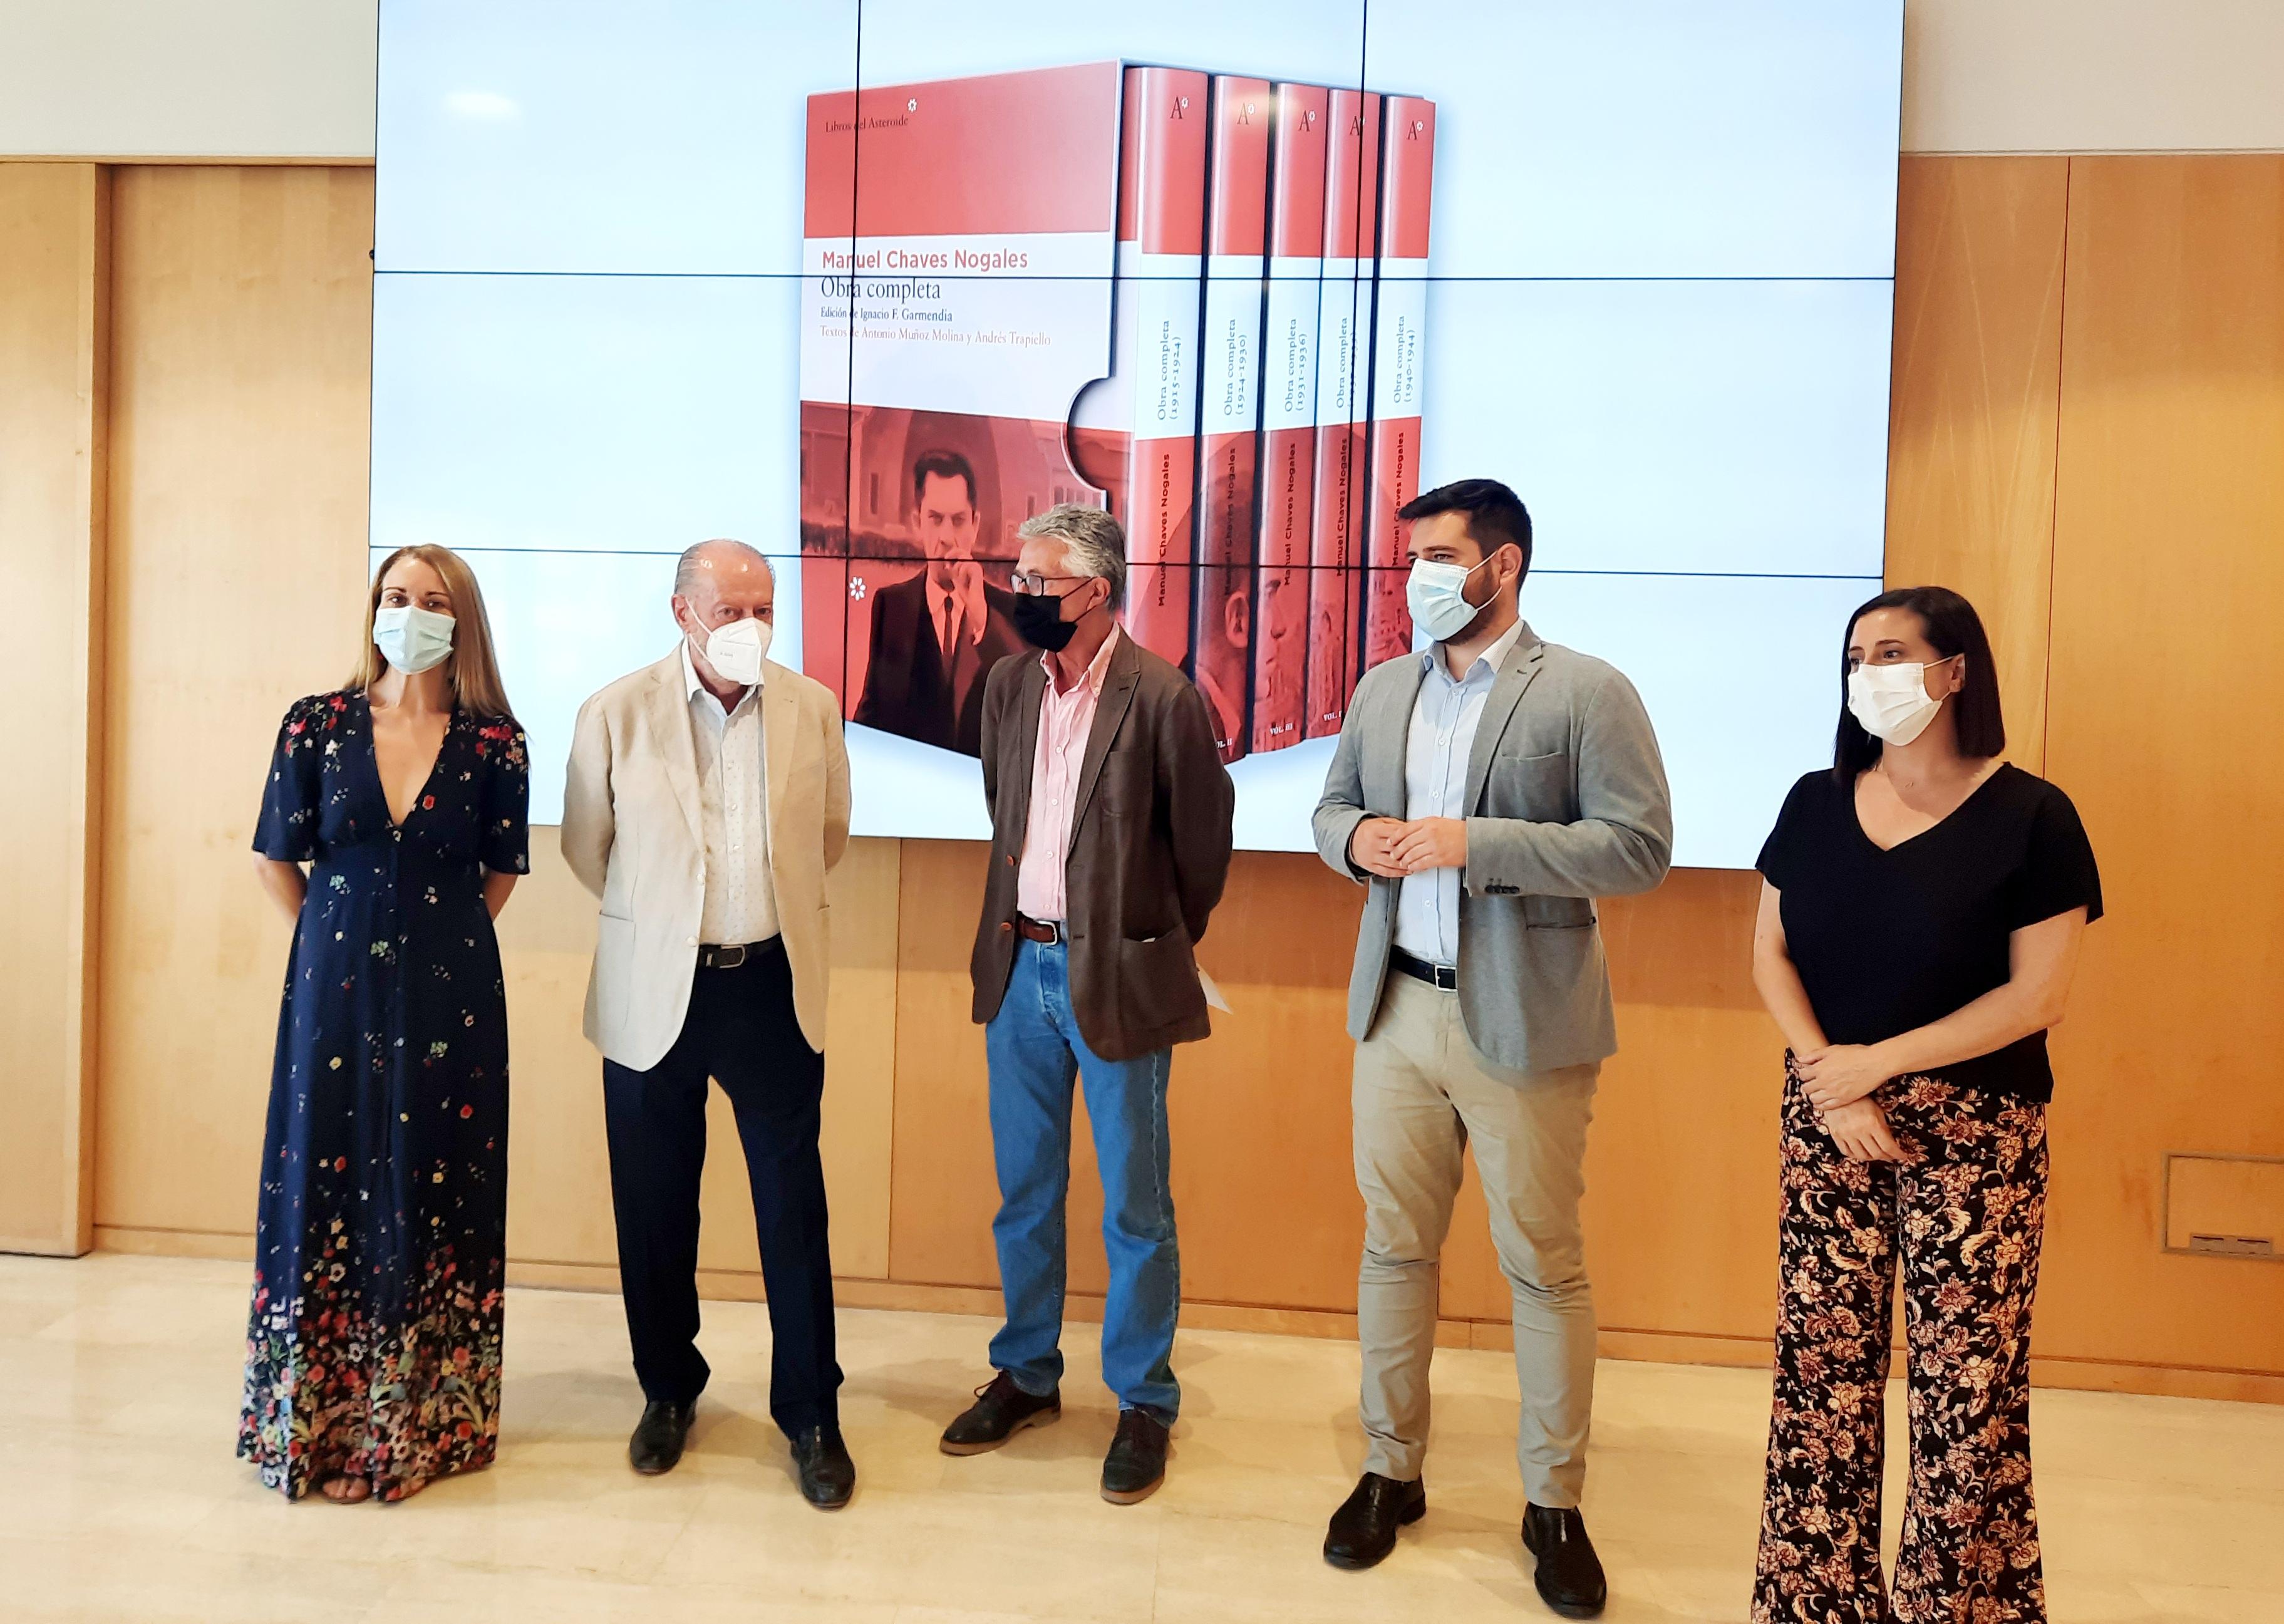 La Diputación y la APS crean el Premio de Periodismo 'Manuel Chaves Nogales'